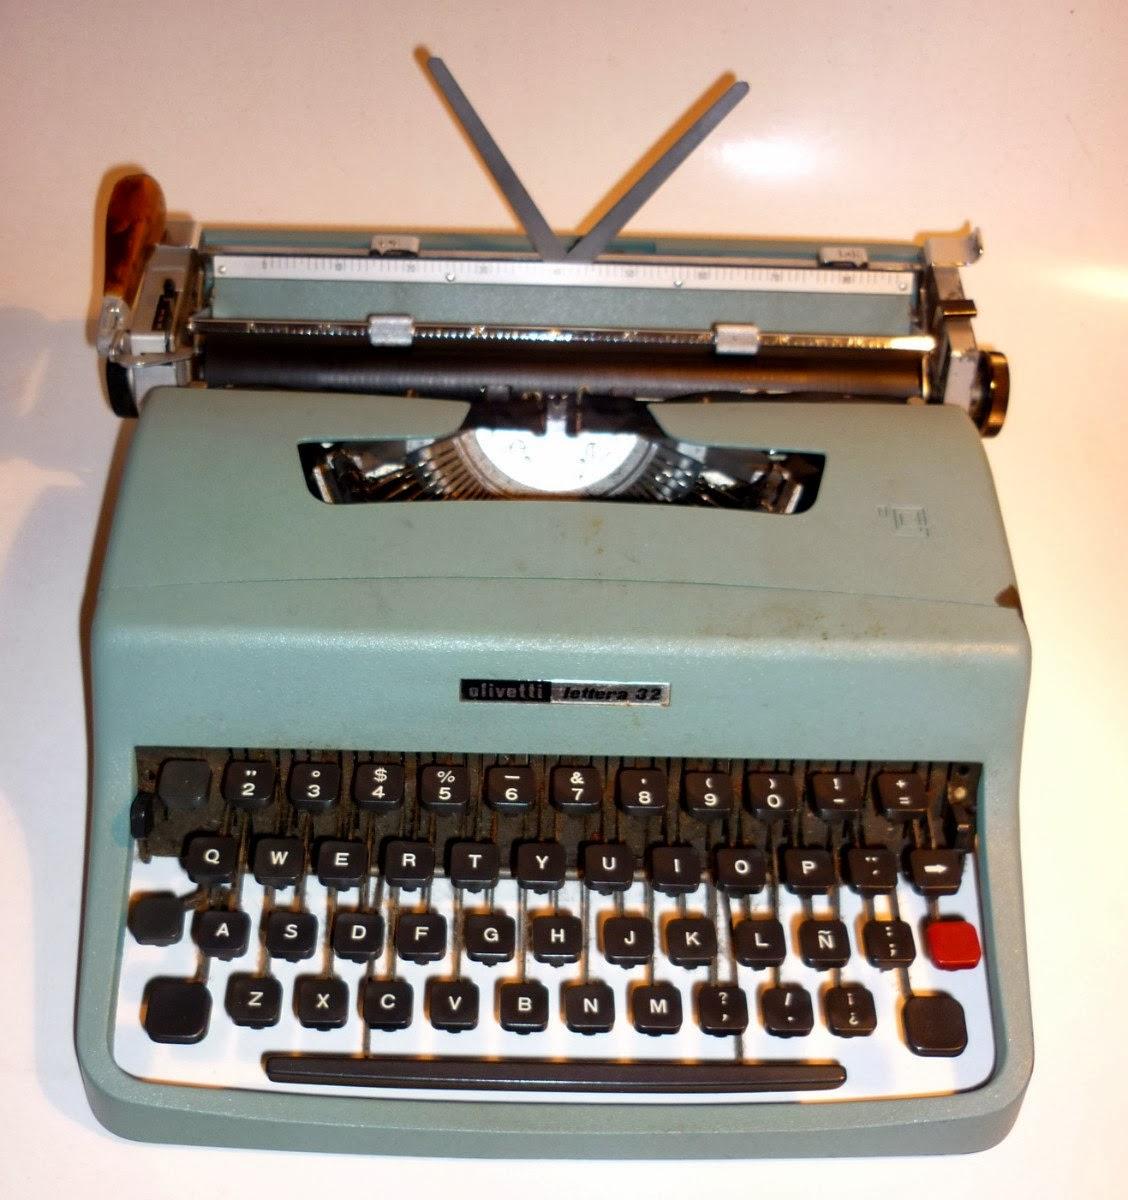 Conciertos Y Desconciertos: La Máquina De Escribir